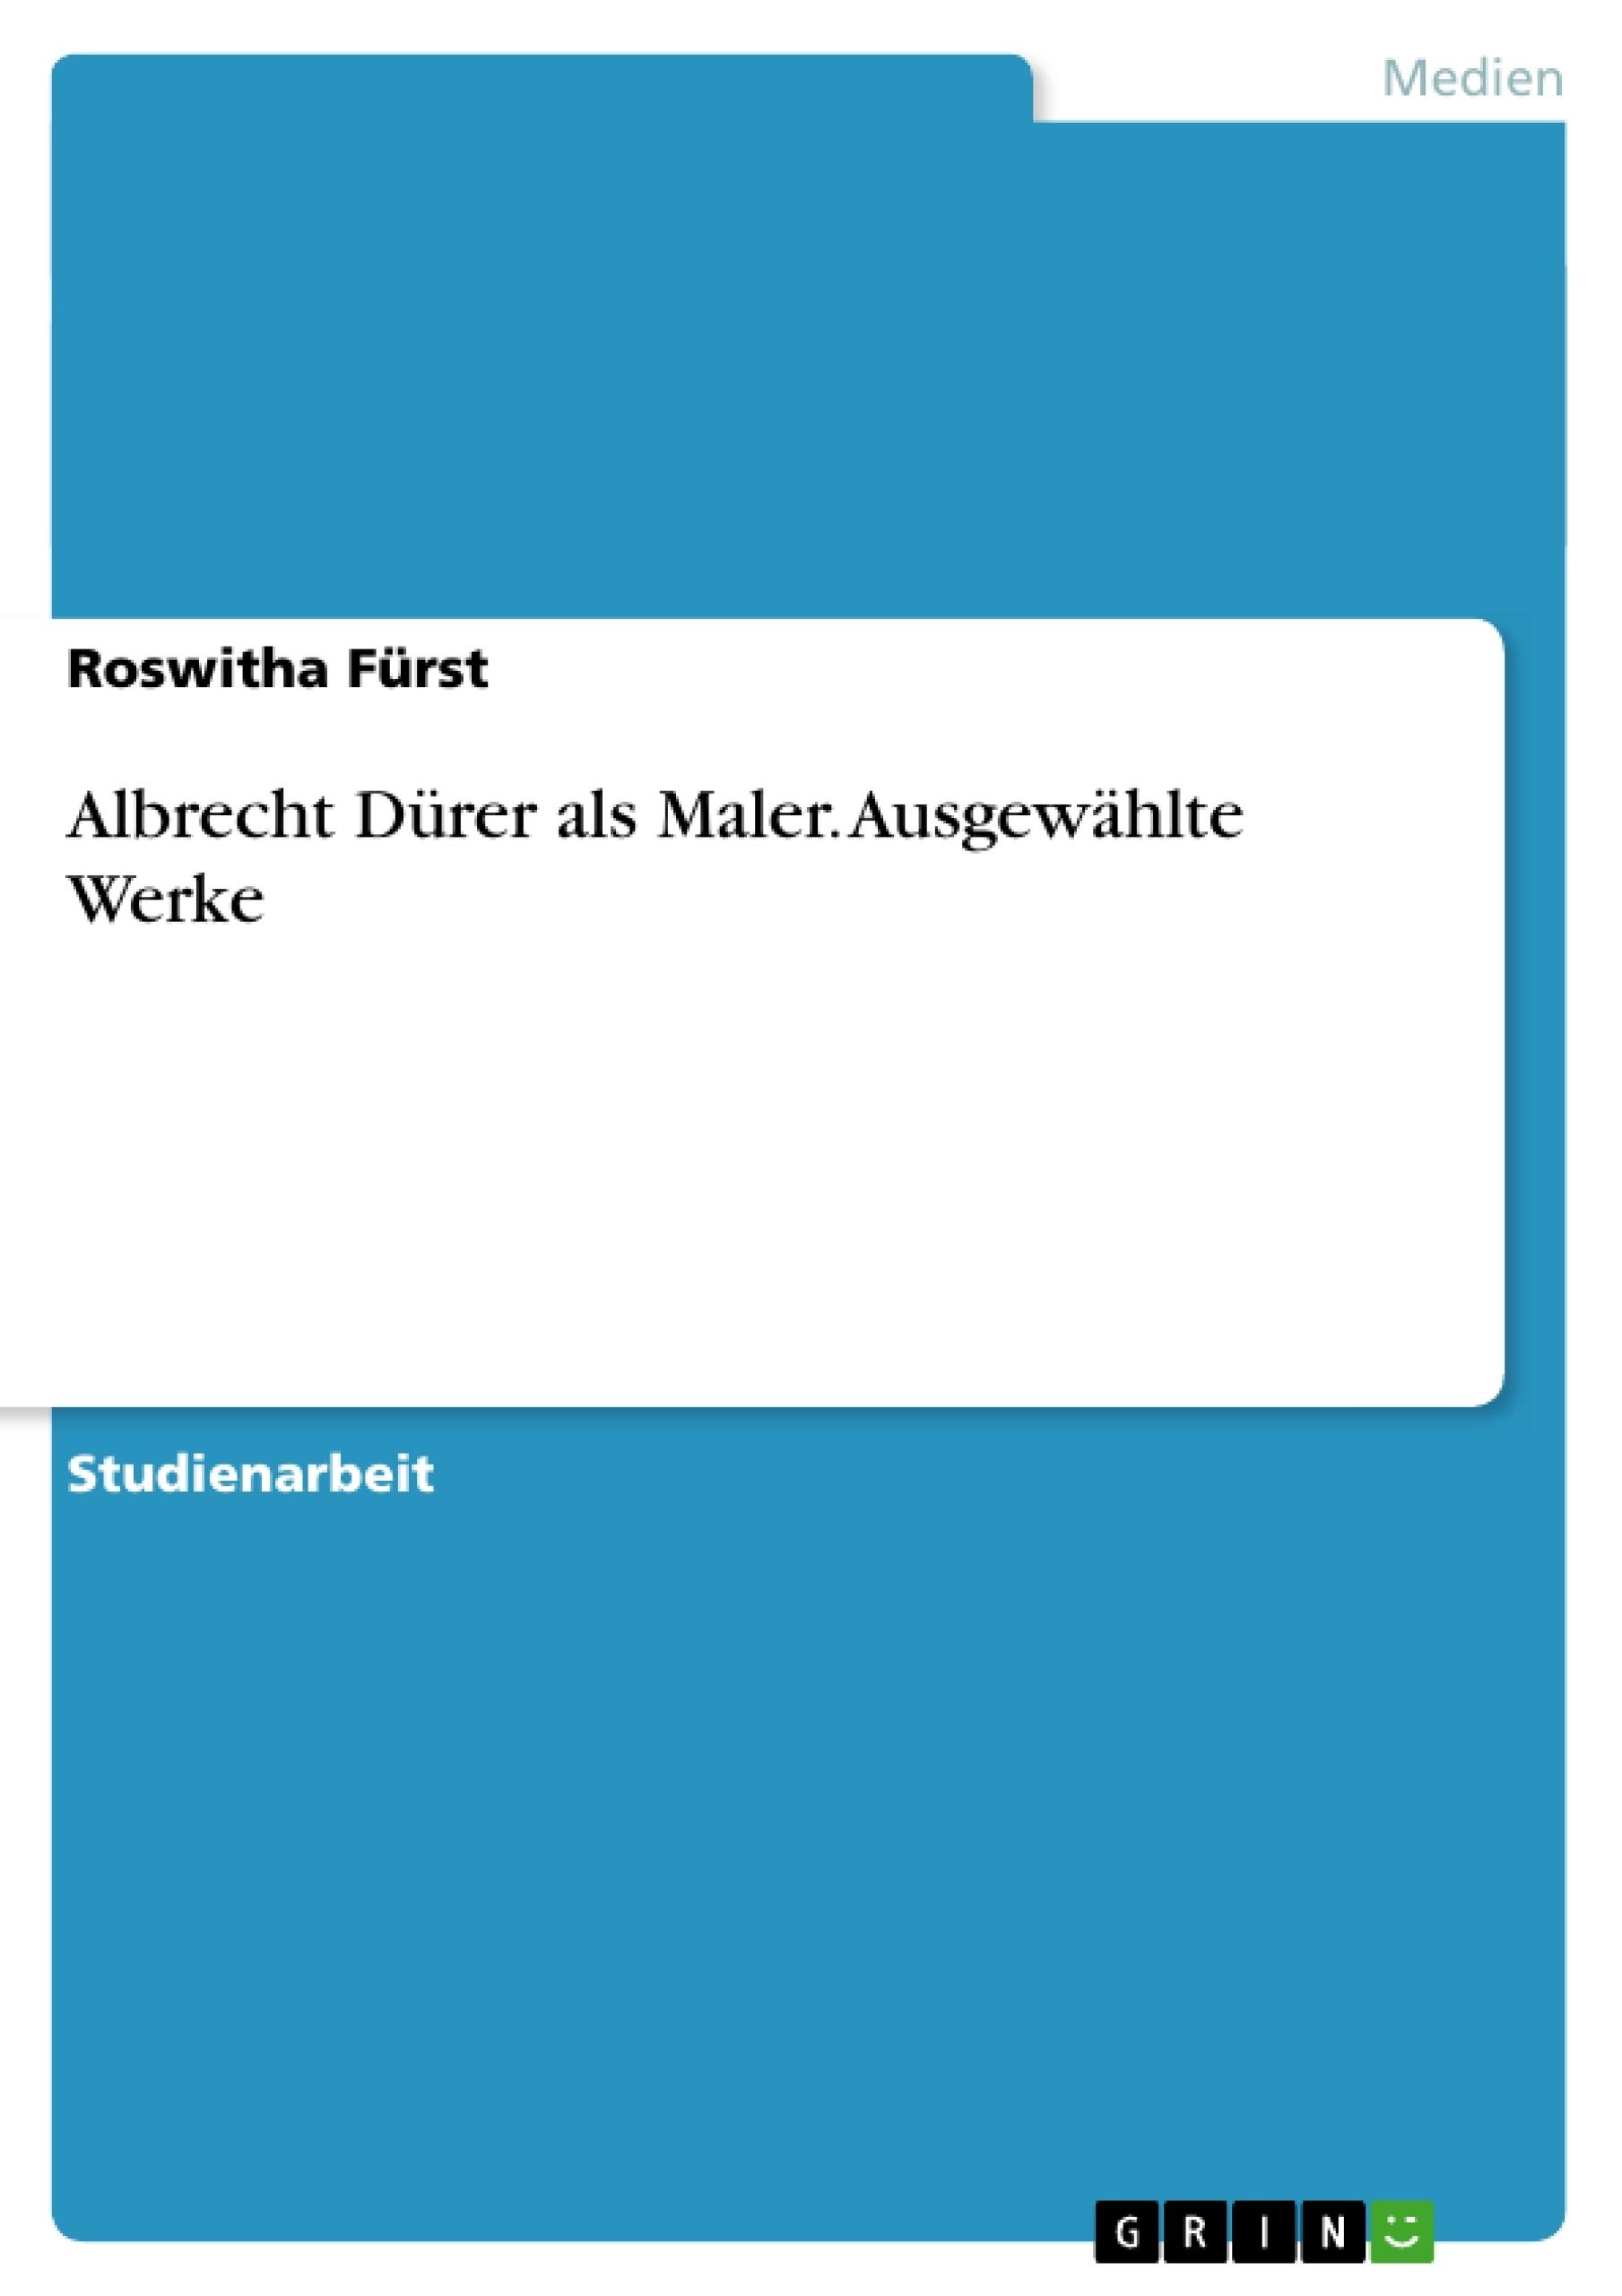 Titel: Albrecht Dürer als Maler. Ausgewählte Werke